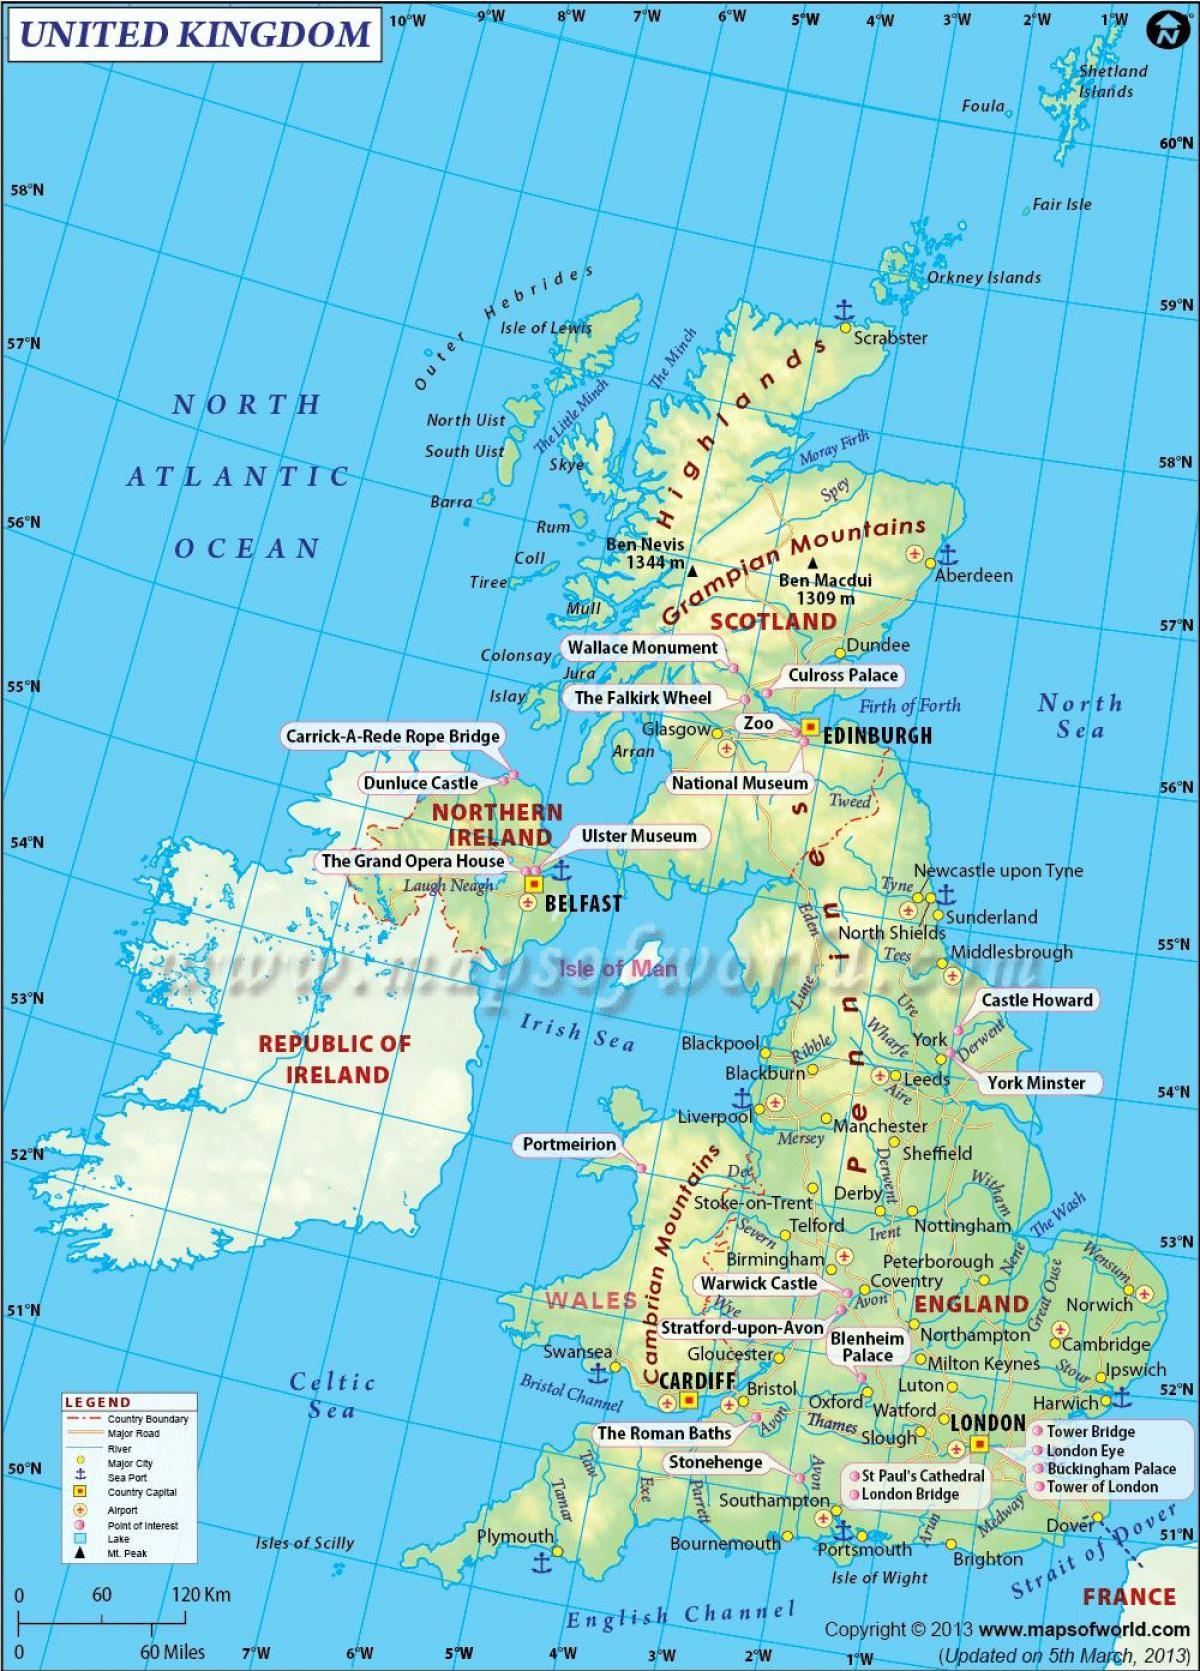 Atlas Map Of Uk.Uk Zemėlapis Zemėlapis Uk Atlasas Siaurės Europoje Europa